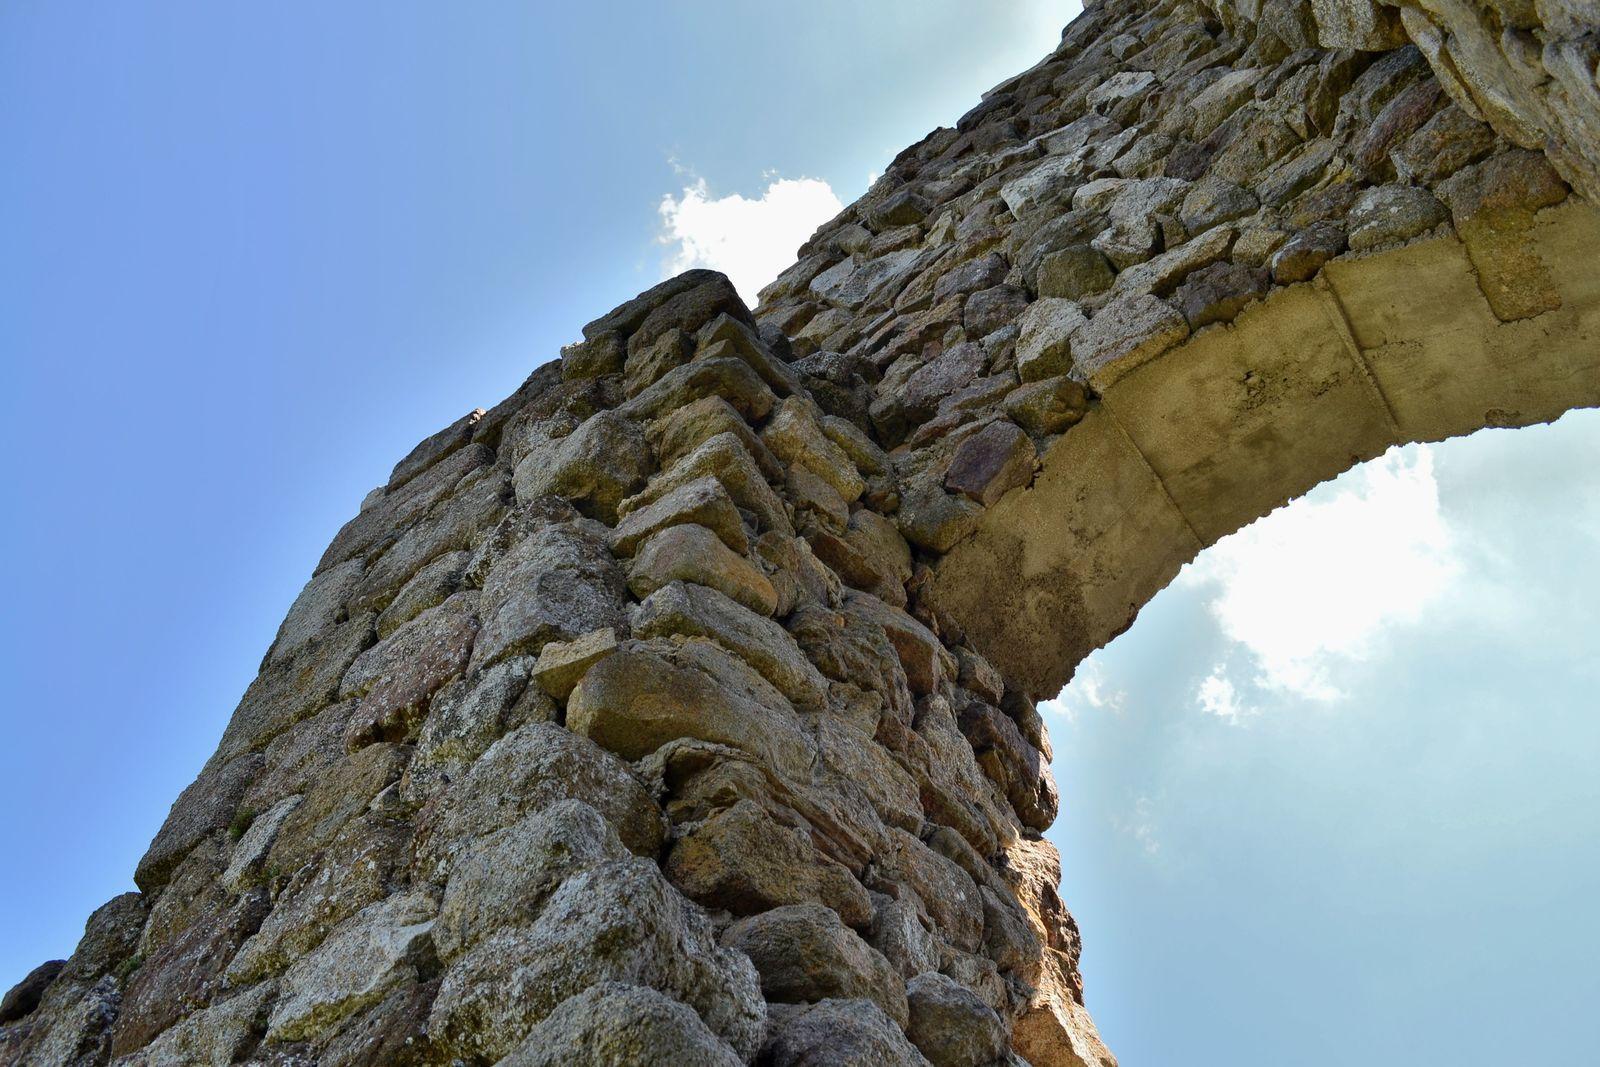 Les vestiges du château de Montchal, j'étais littéralement ébahie par l'immense panorama donnant sur le sud du massif! C'était tout simplement époustouflant! Après être restés un petit moment autour de ce pan de mur, nous sommes redescendus dans le hameau (dont les maisons ont été bâties avec les pierres du château), et avons poursuivi notre balade. J'avoue que ces maisons m'ont vraiment fait envie, tellement elles étaient charmantes. Je me verrais bien vivre dans un lieu comme ça, entourée par la nature, dans une habitation en vieilles pierres...